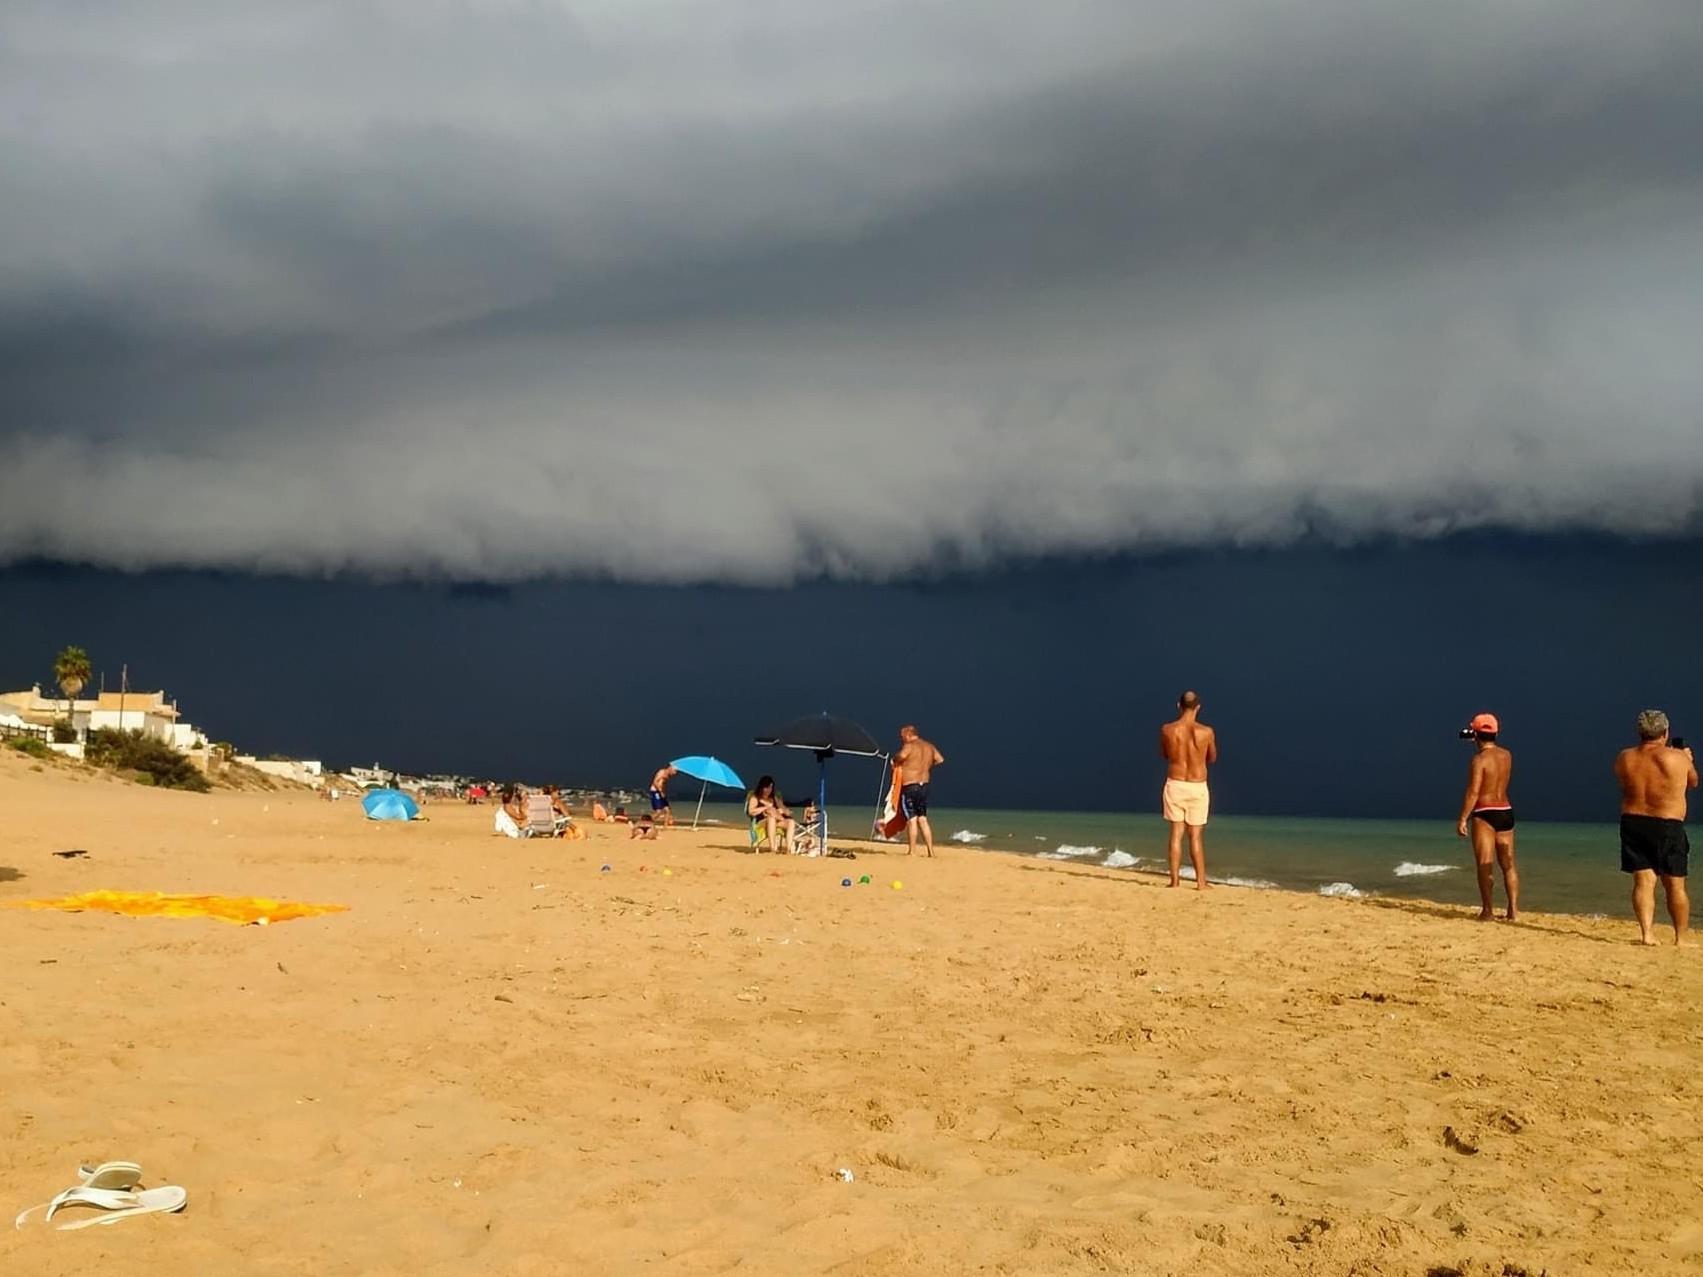 """Immagine articolo: Da Selinunte a Tre Fontane passando per Triscina. Ieri """"nubi a mensola""""e tanti click in spiaggia"""